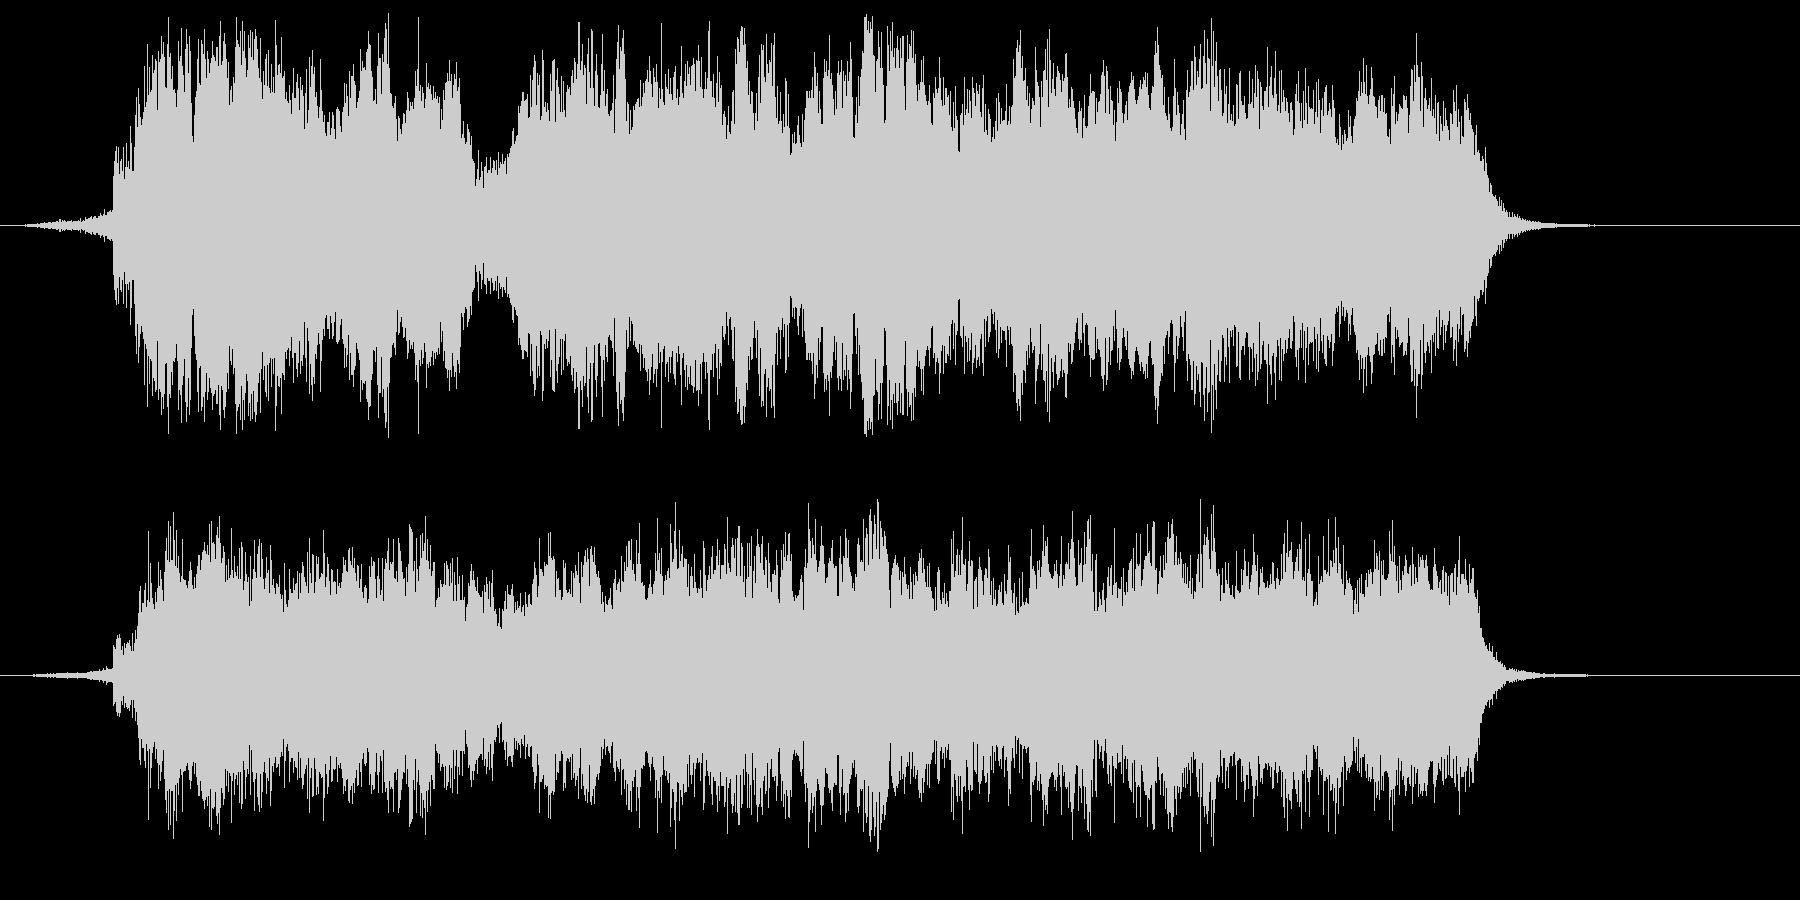 雄大なオーケストラのジングルの未再生の波形